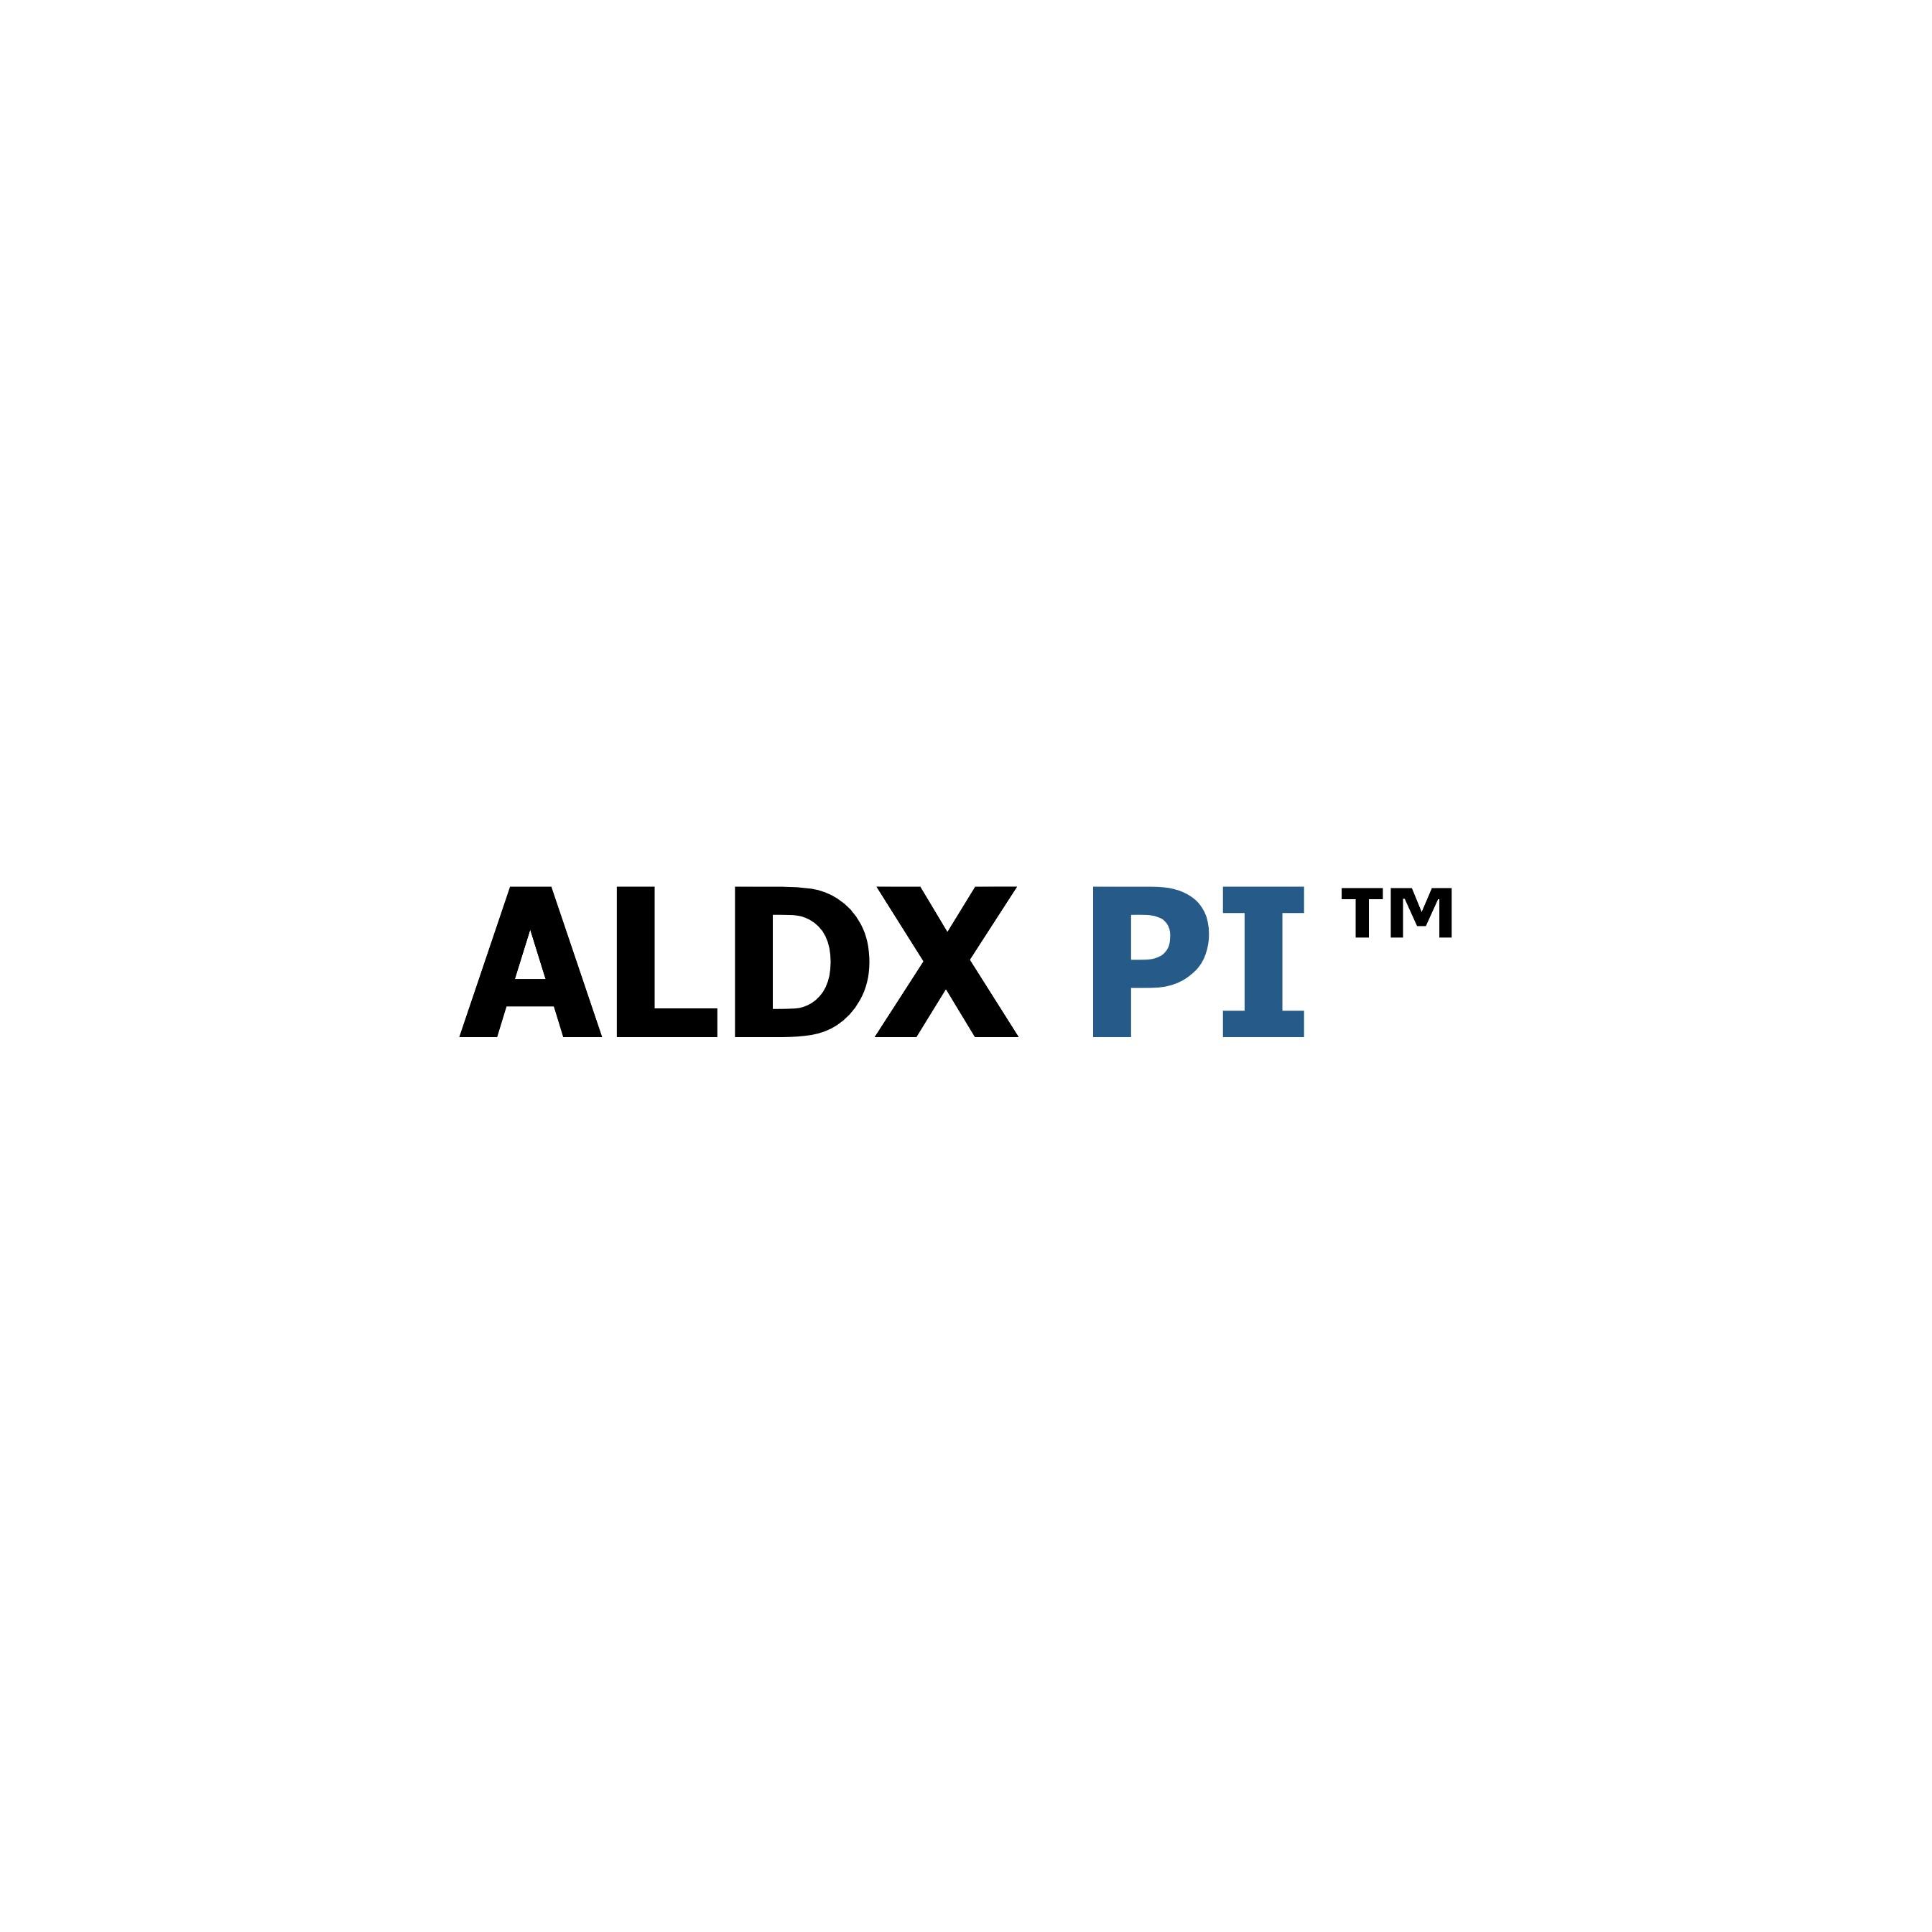 ALDX PI™